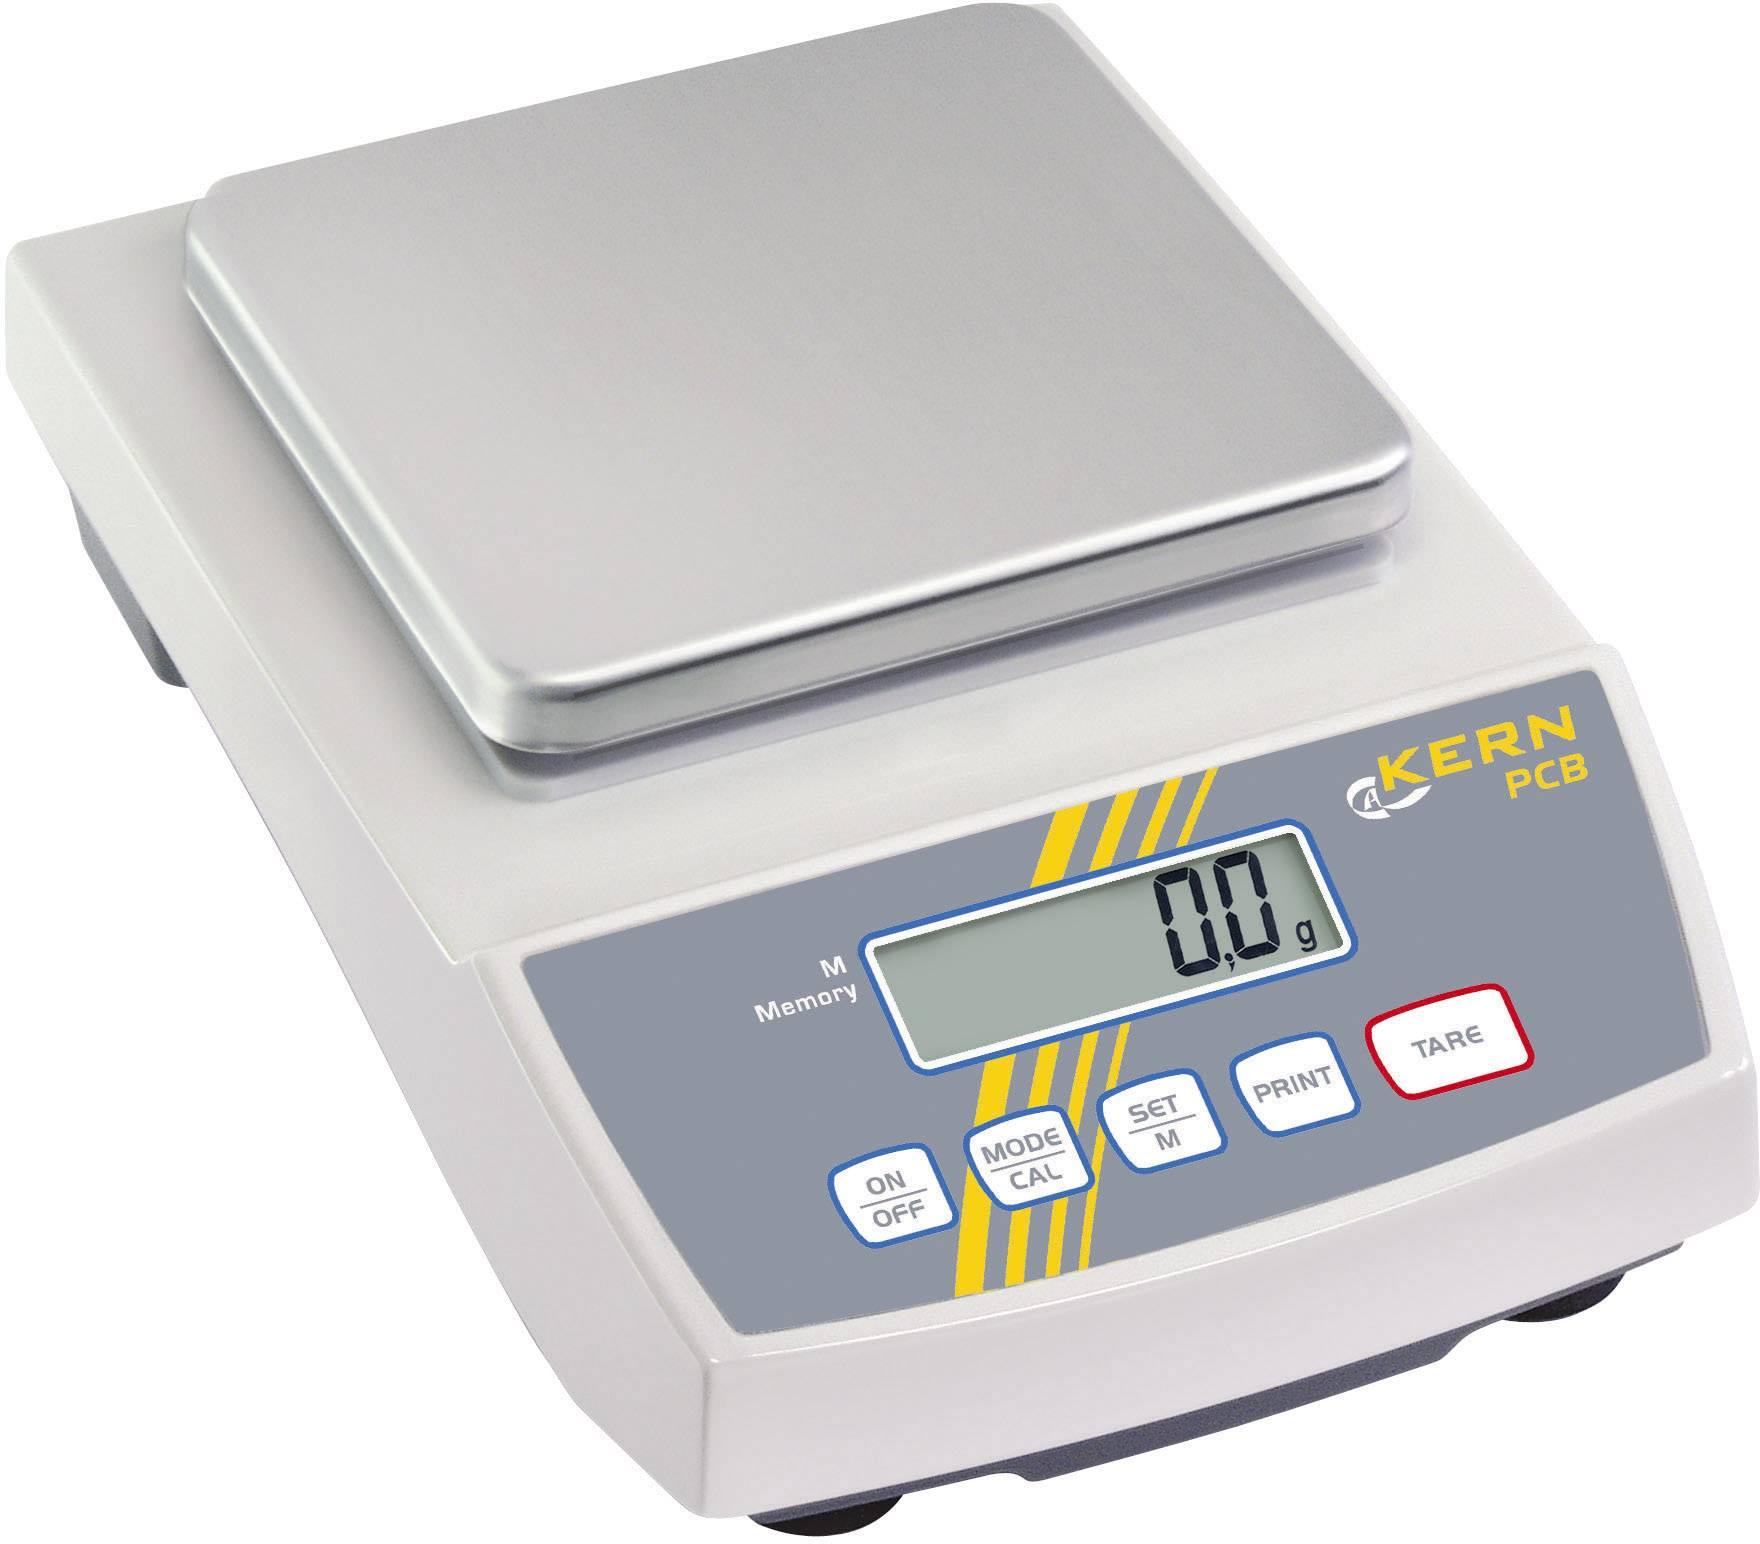 Přesná váha Kern PCB 1000-2, rozlišení 0.01 g, max. váživost 1 kg